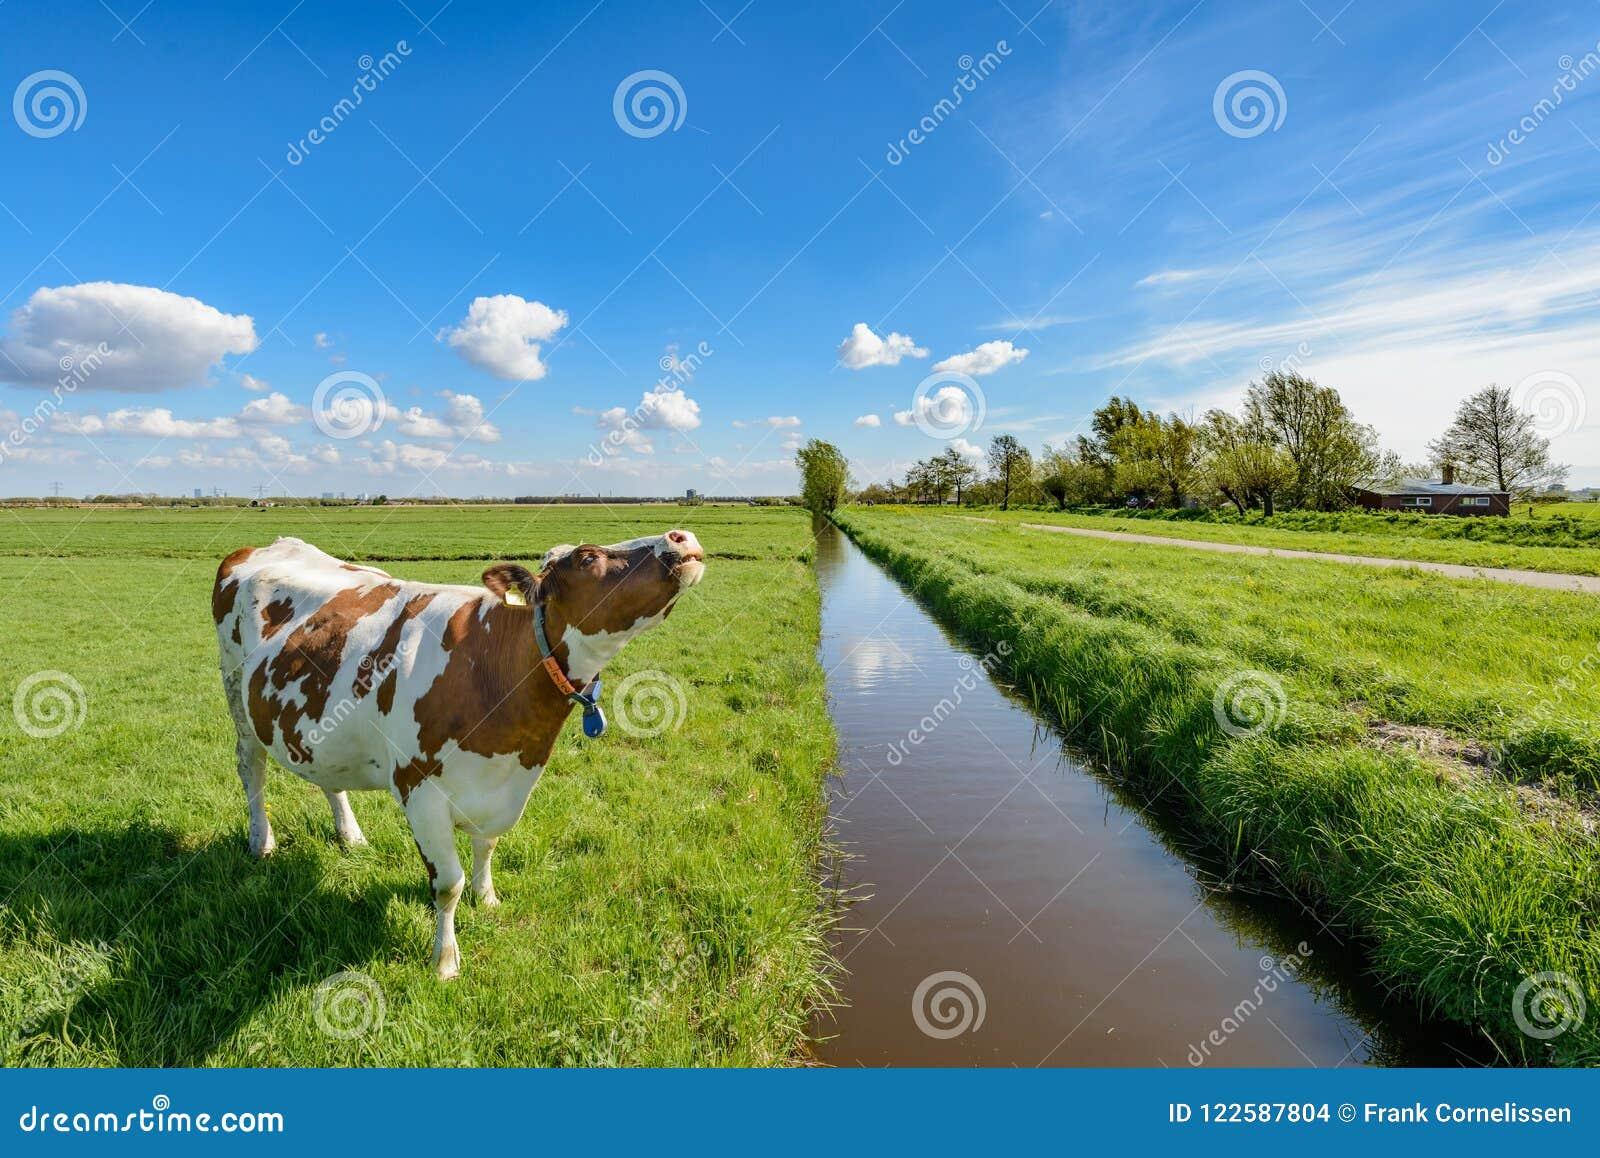 Vaca ao lado de uma vala no po lder perto de Rotterdam, Países Baixos